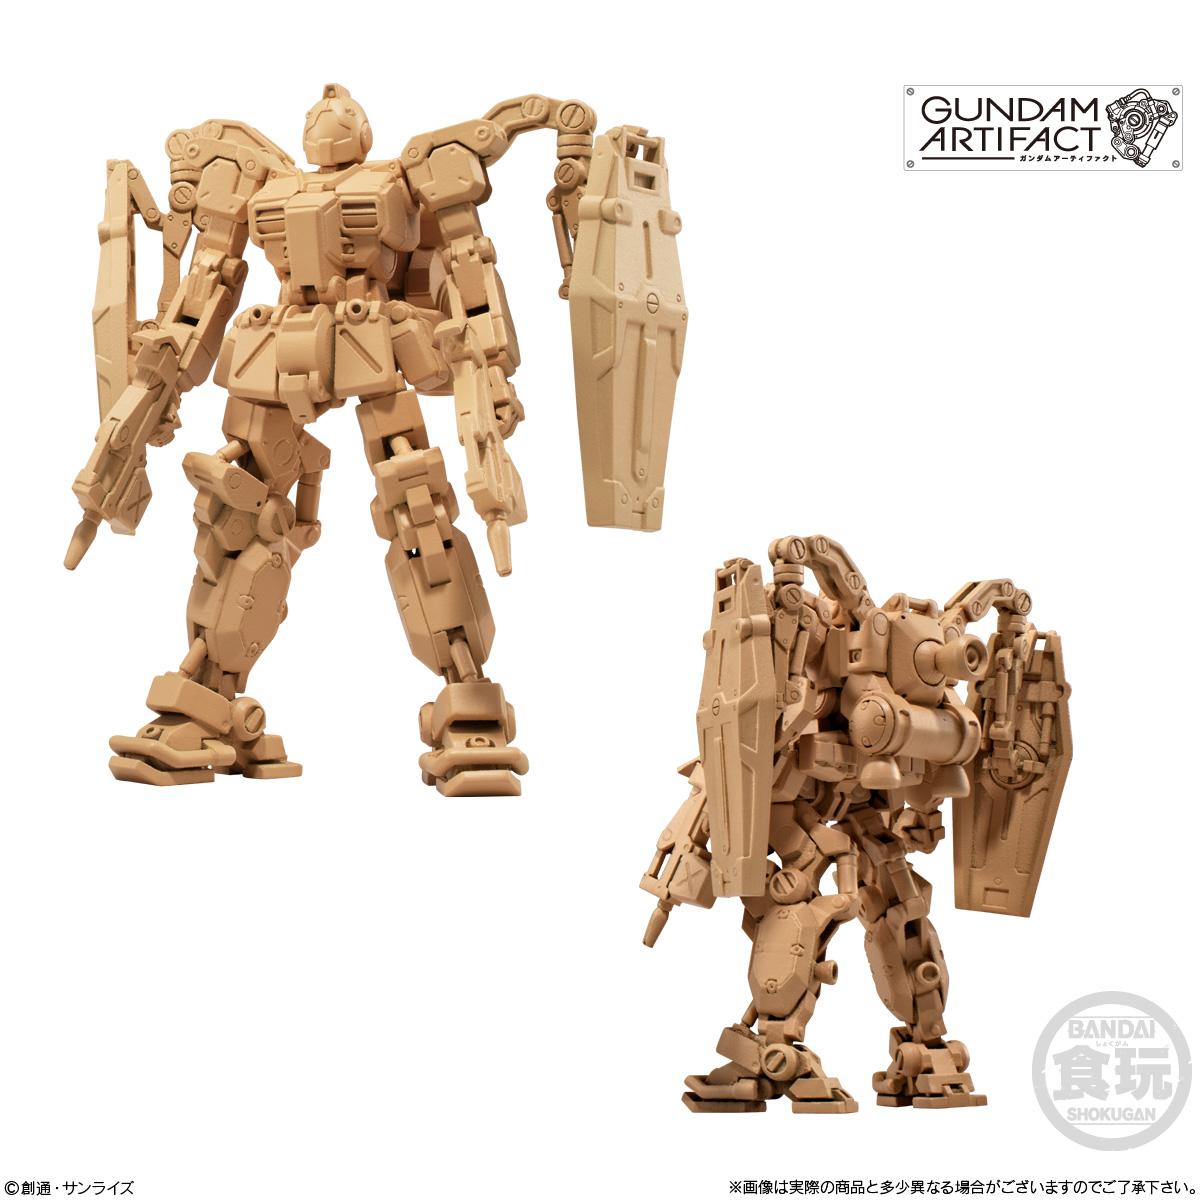 【食玩】機動戦士ガンダム『ガンダムアーティファクト 第2弾』プラ製ミニキット 10個入りBOX-003